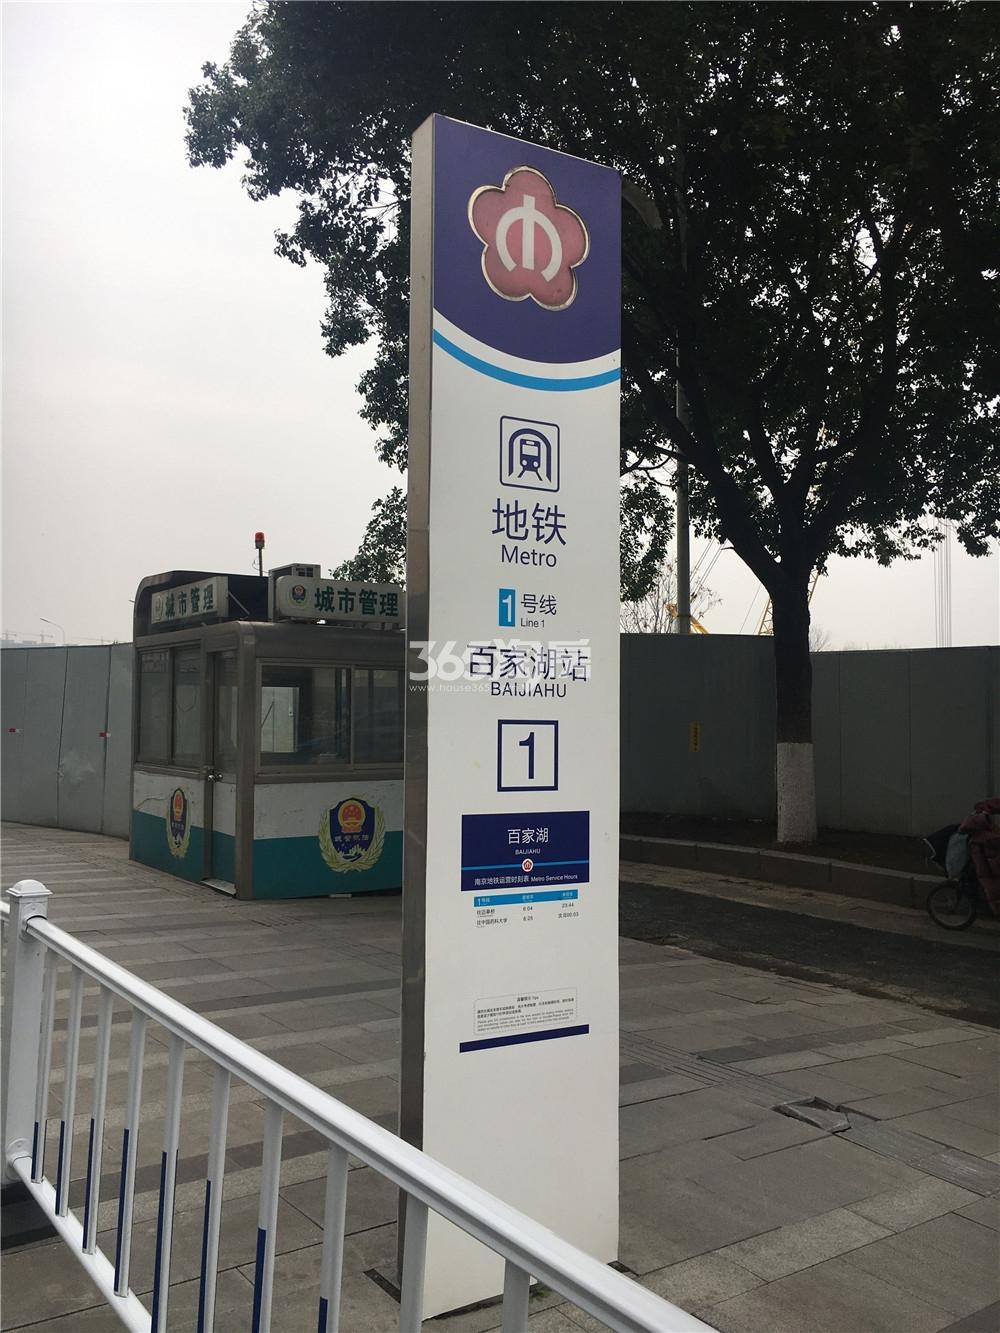 21世纪太阳城银座地铁站点(4.12)